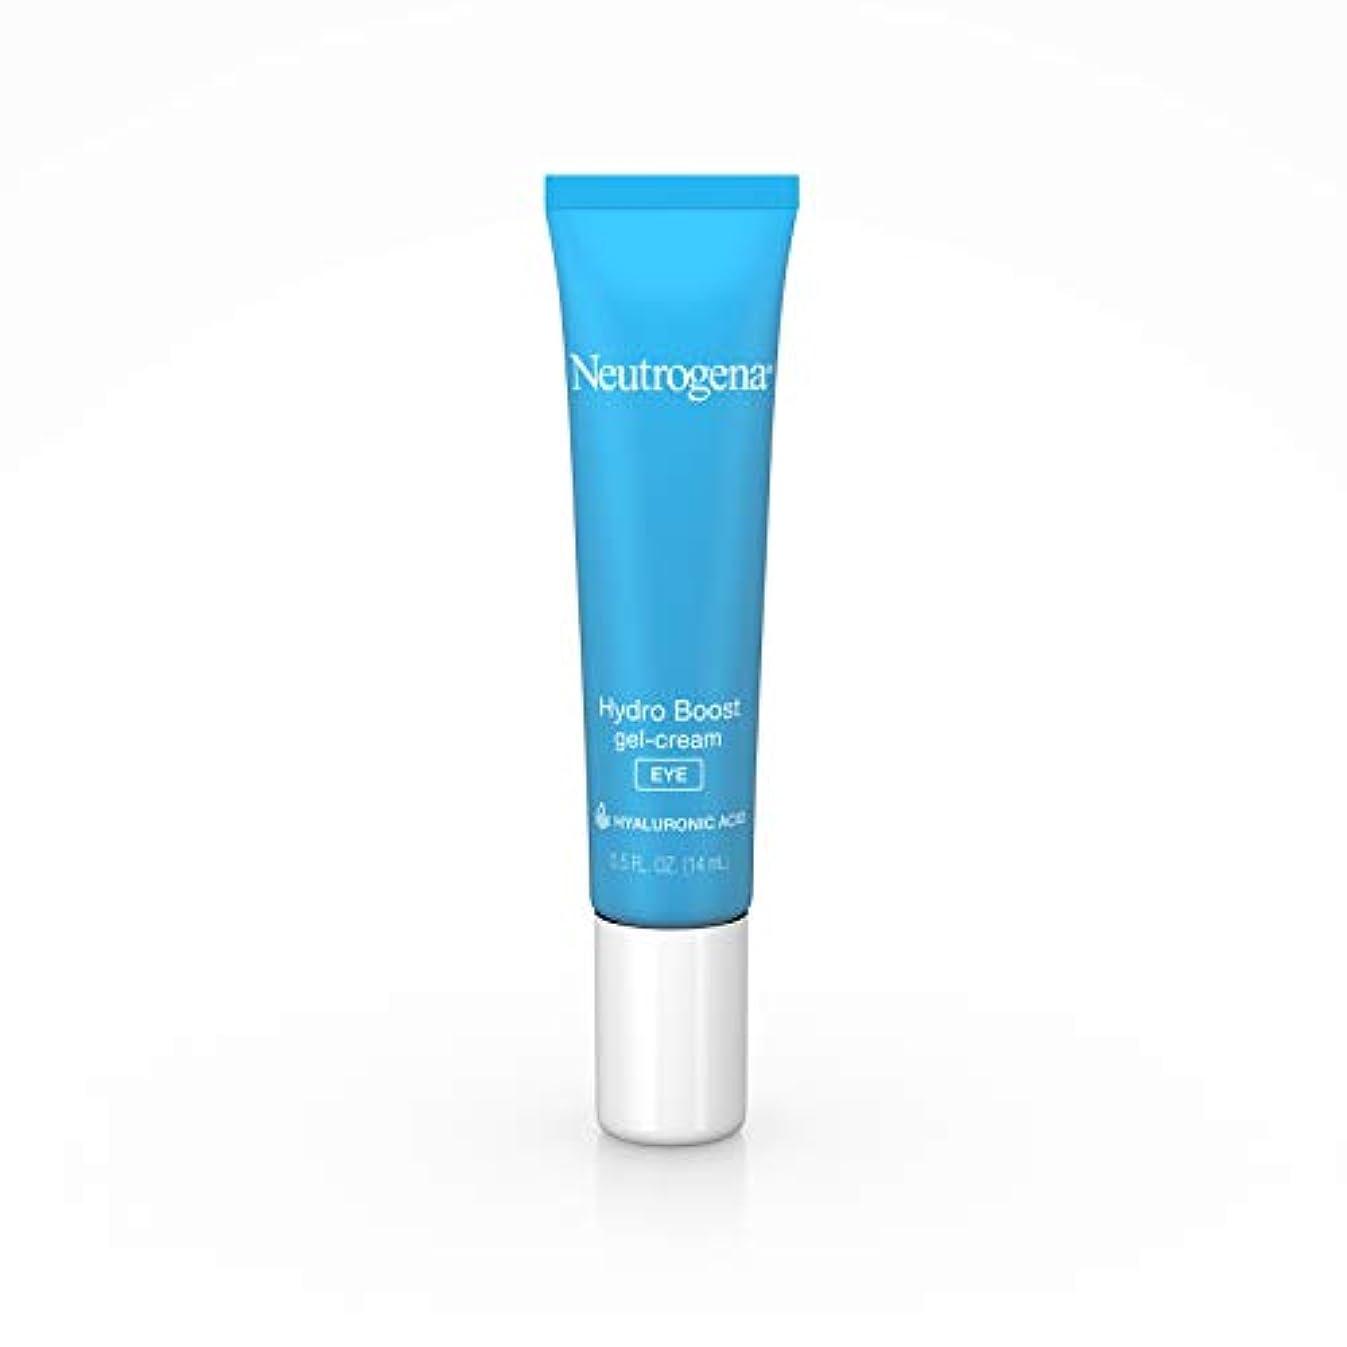 担当者識別アルバムNeutrogena Hydro Boost gel-cream、extra-dryスキン